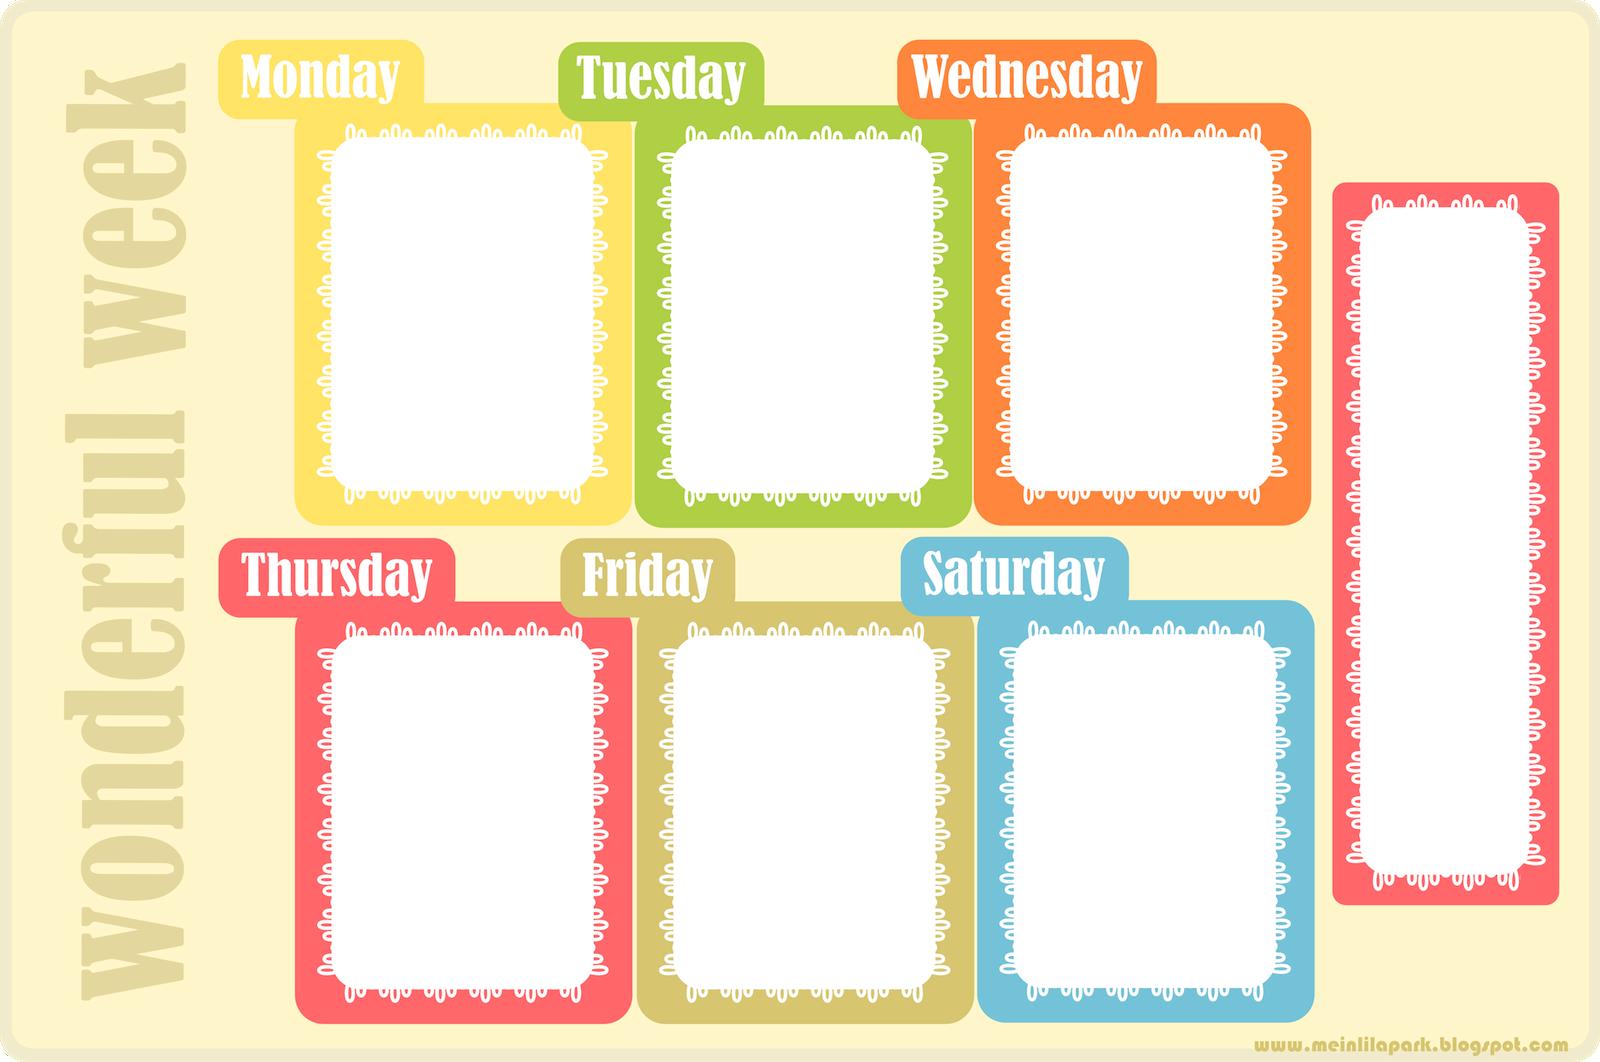 Weekly Planner Templates  classtemplatescom